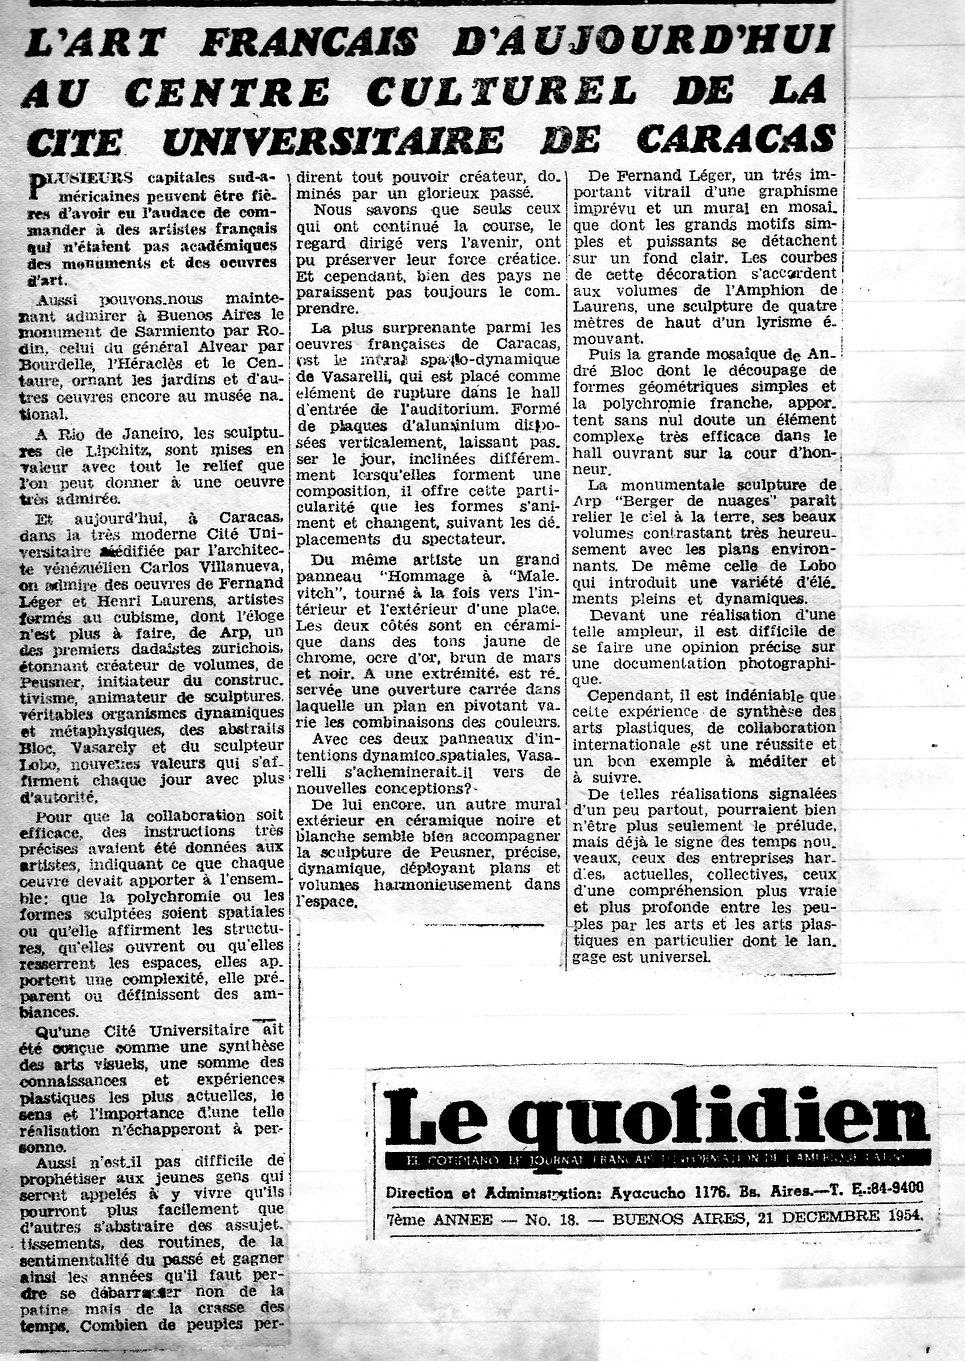 Le Quotidien - l'art Francais.jpg